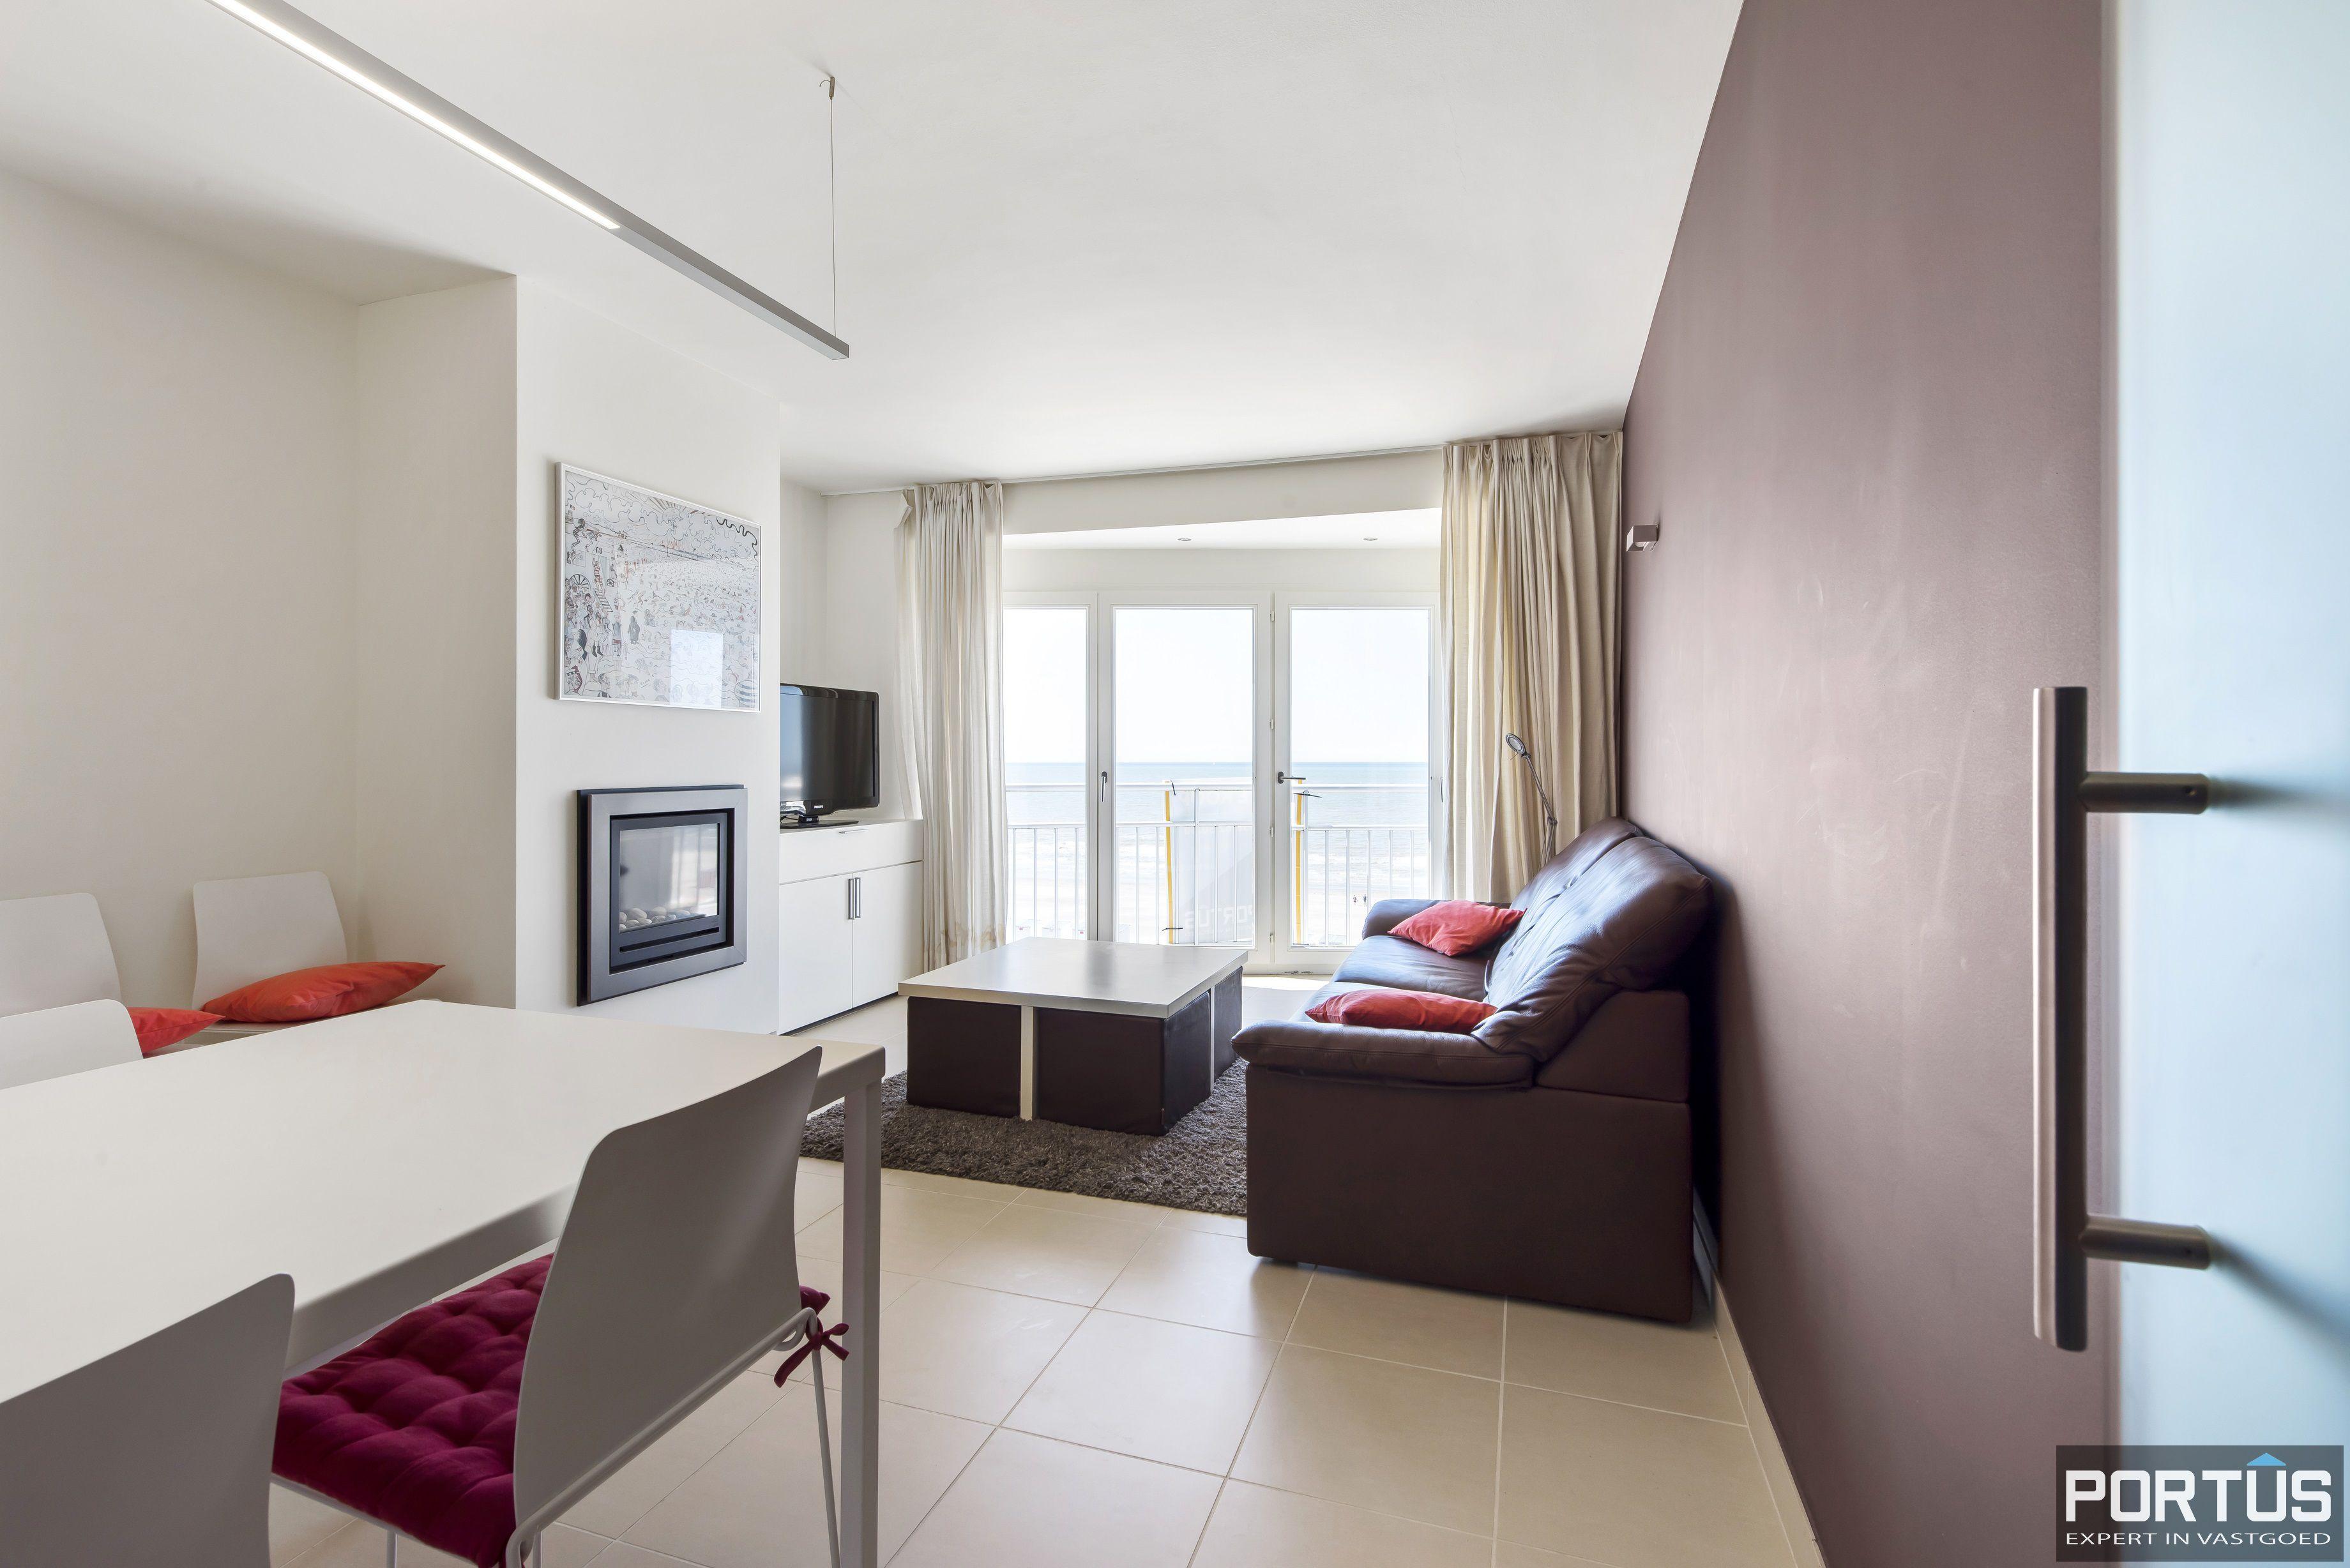 Appartement met 2 slaapkamers en frontaal zeezicht te koop Nieuwpoort - 9787